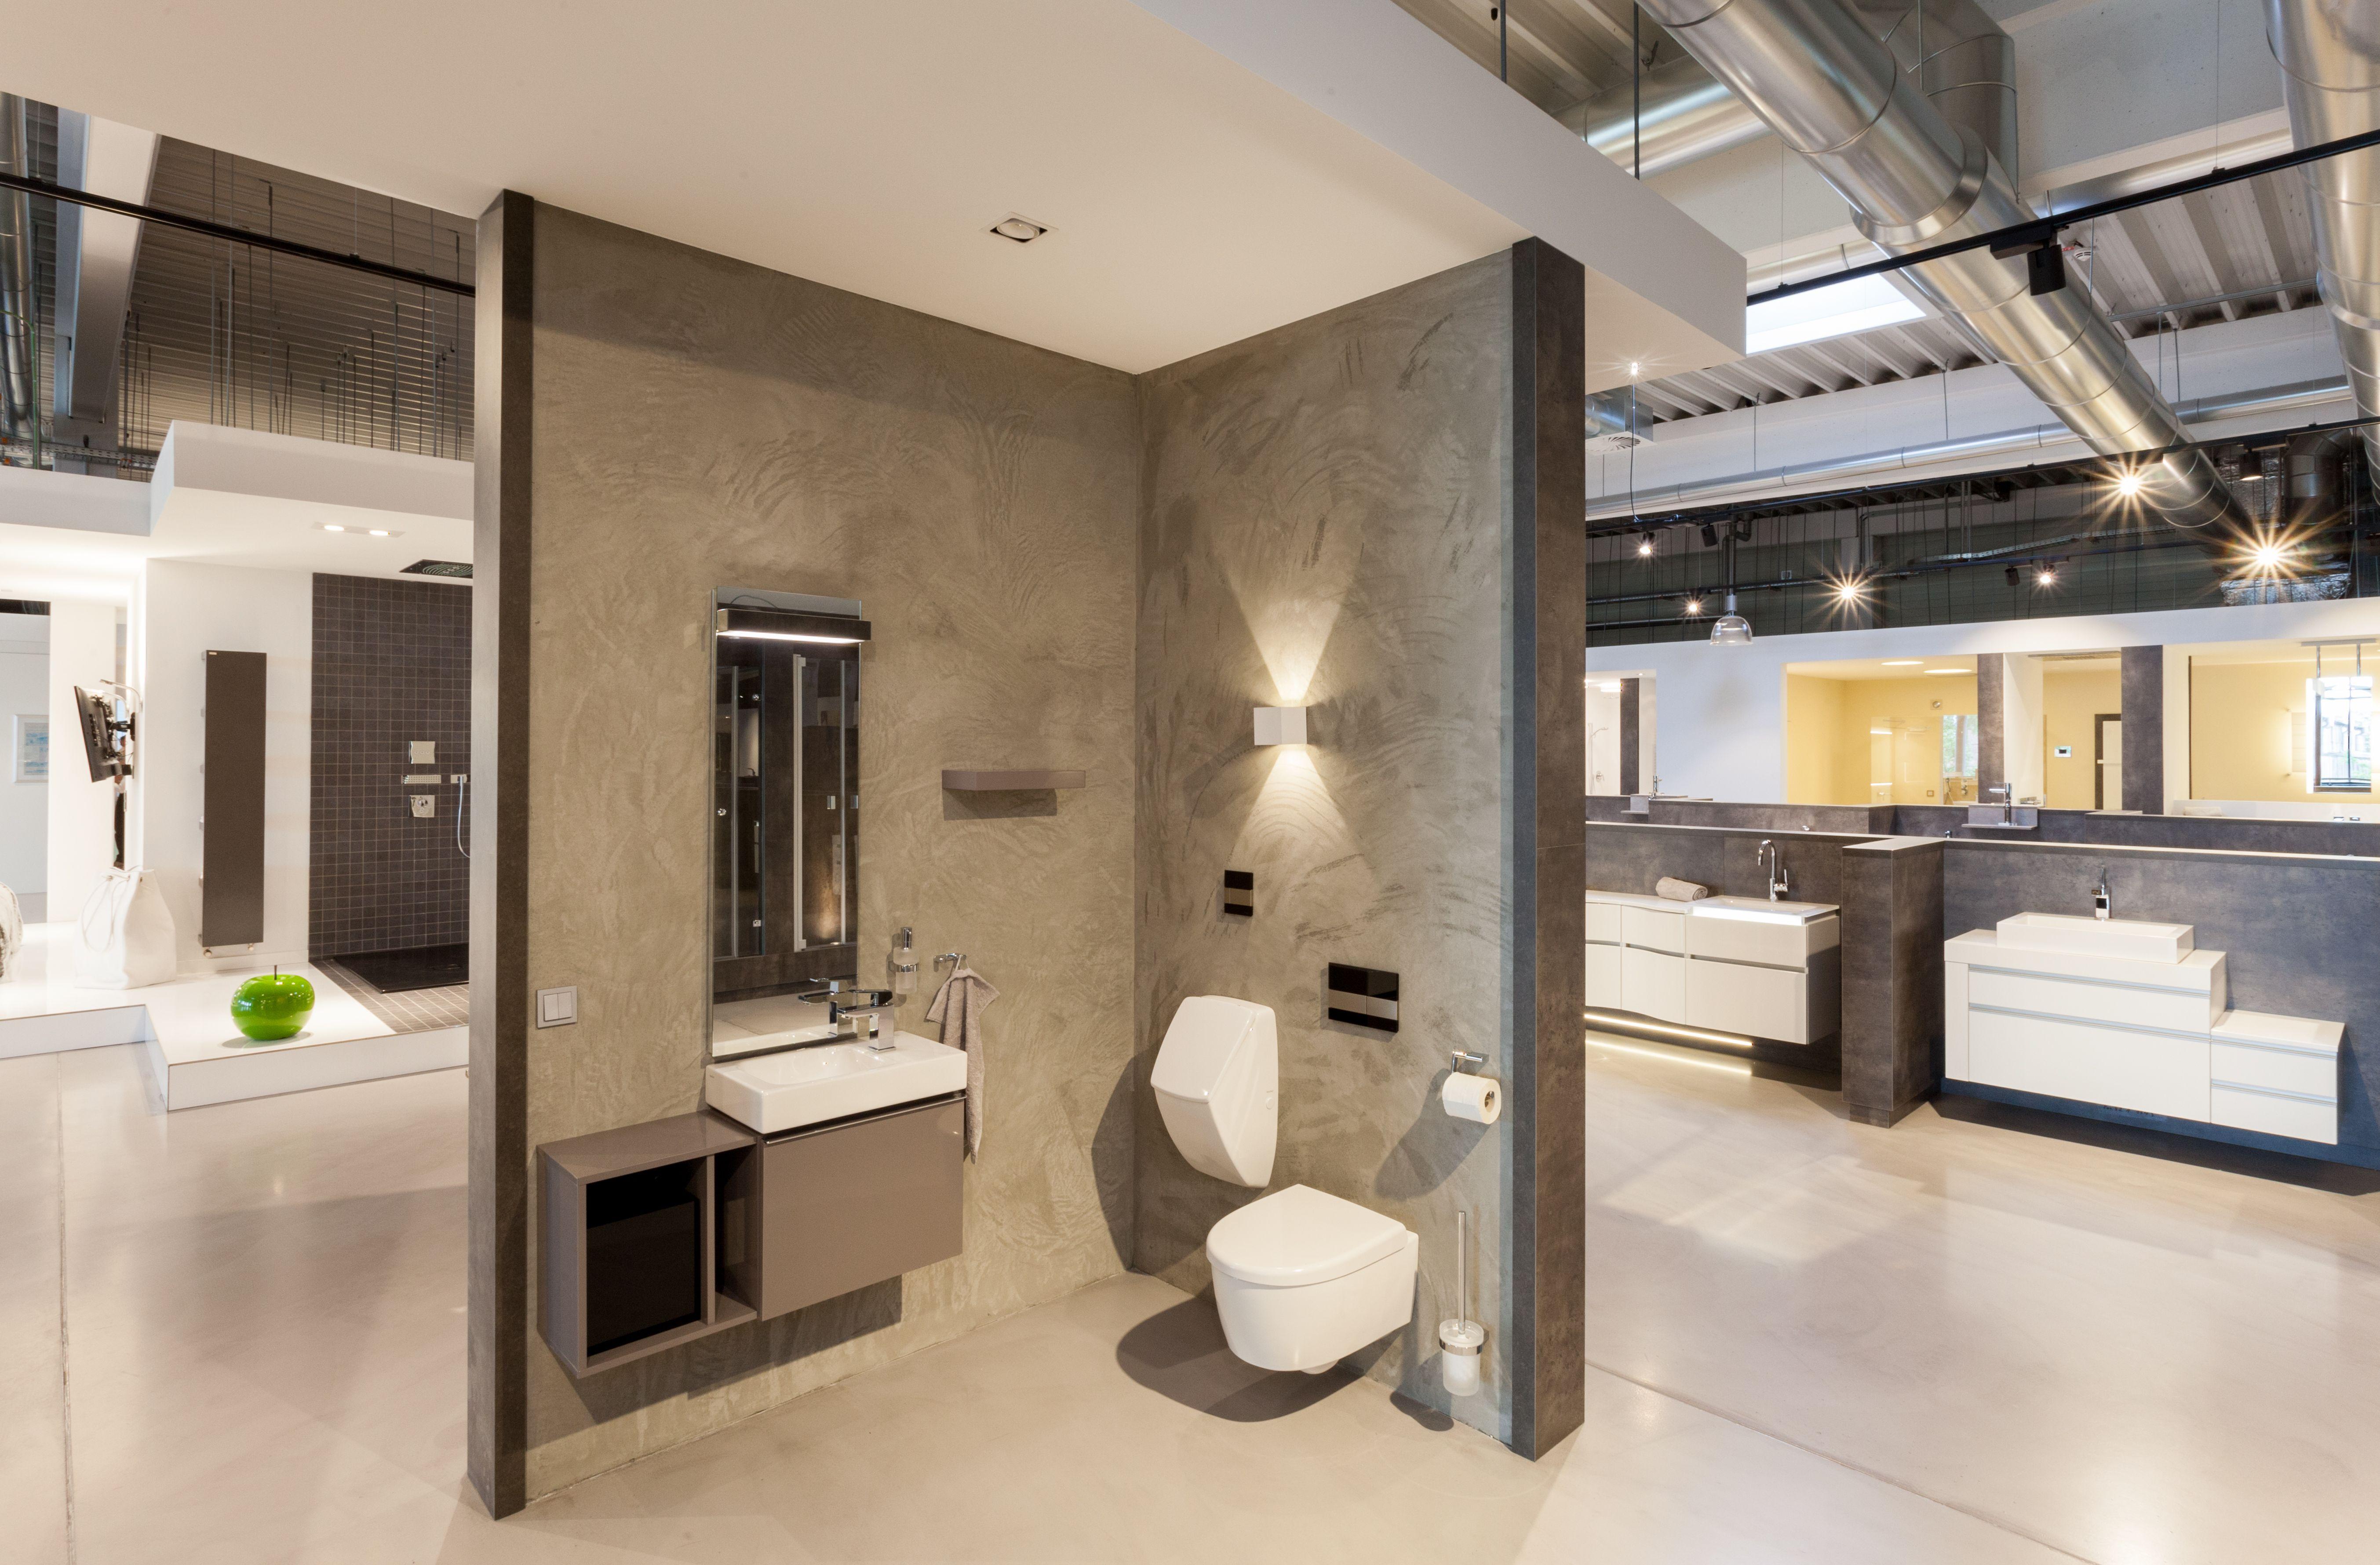 Badausstellung Hannover baden in hannover bad ausstellung wiedemann hannover